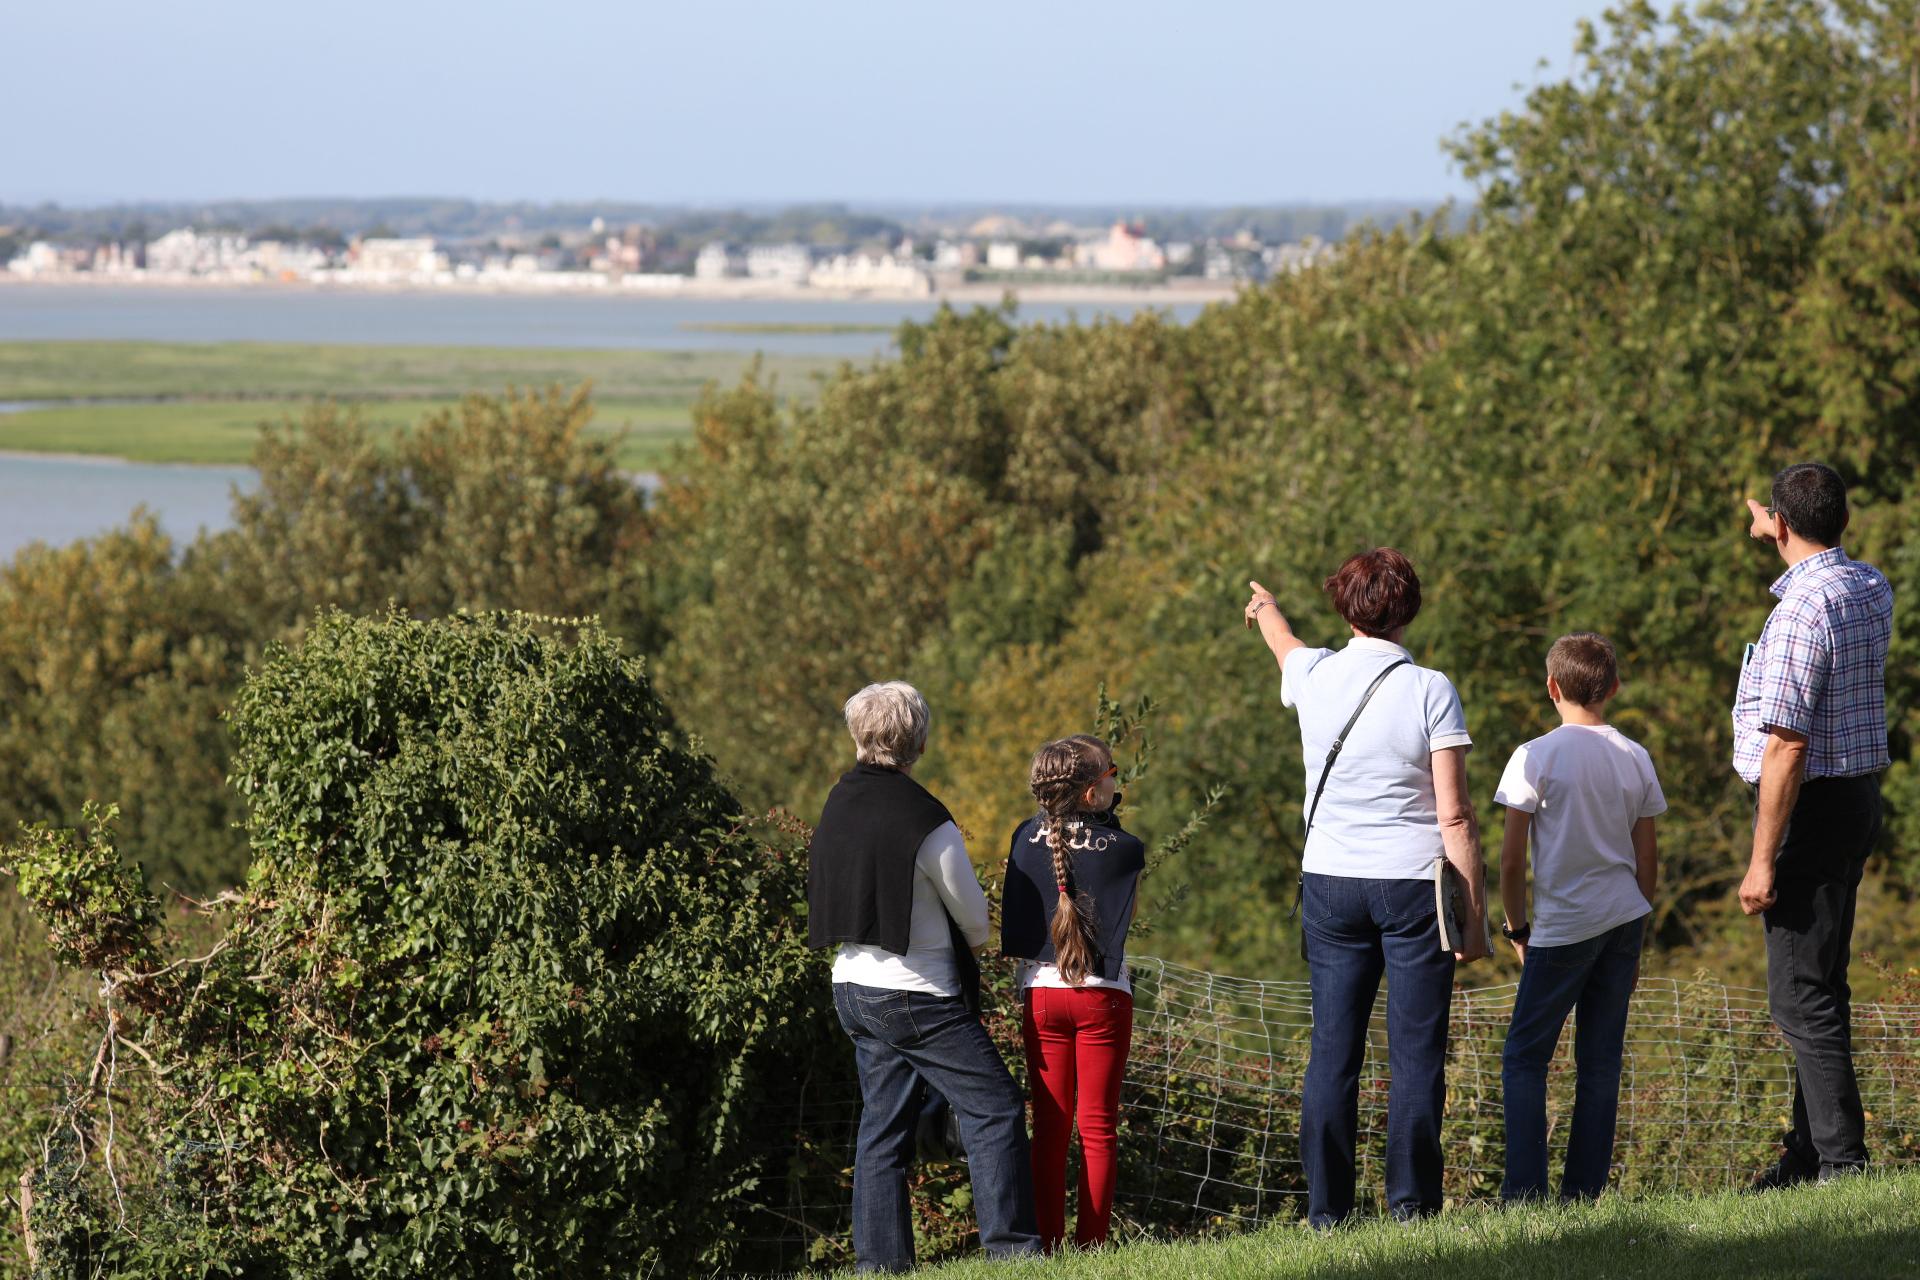 Vue panoramique sur la baie de somme visite guidée quartier des marins saint valery sur somme en bai